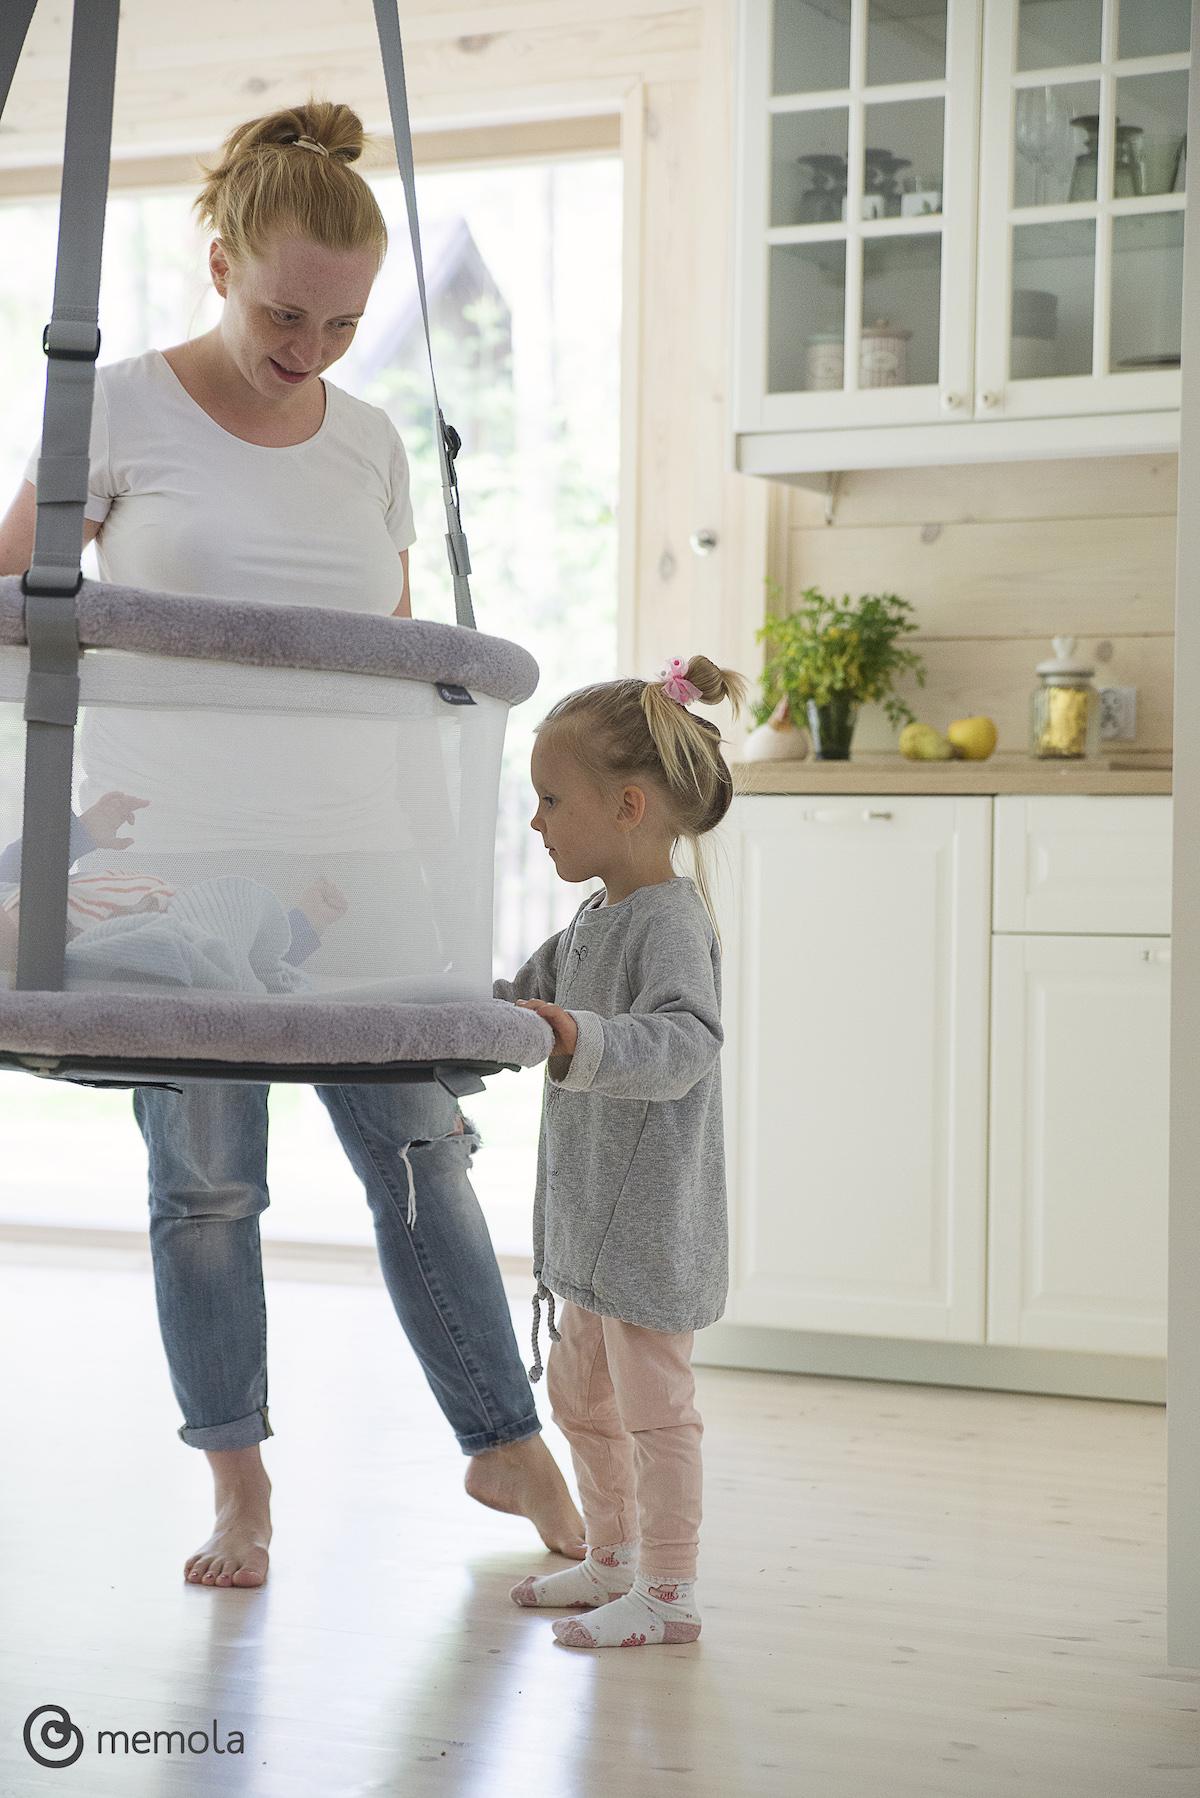 Kołyska huśtawka multisensoryczna bujawka do pokoju dziecka kosz wiszący kołyska multisensoryczna memola